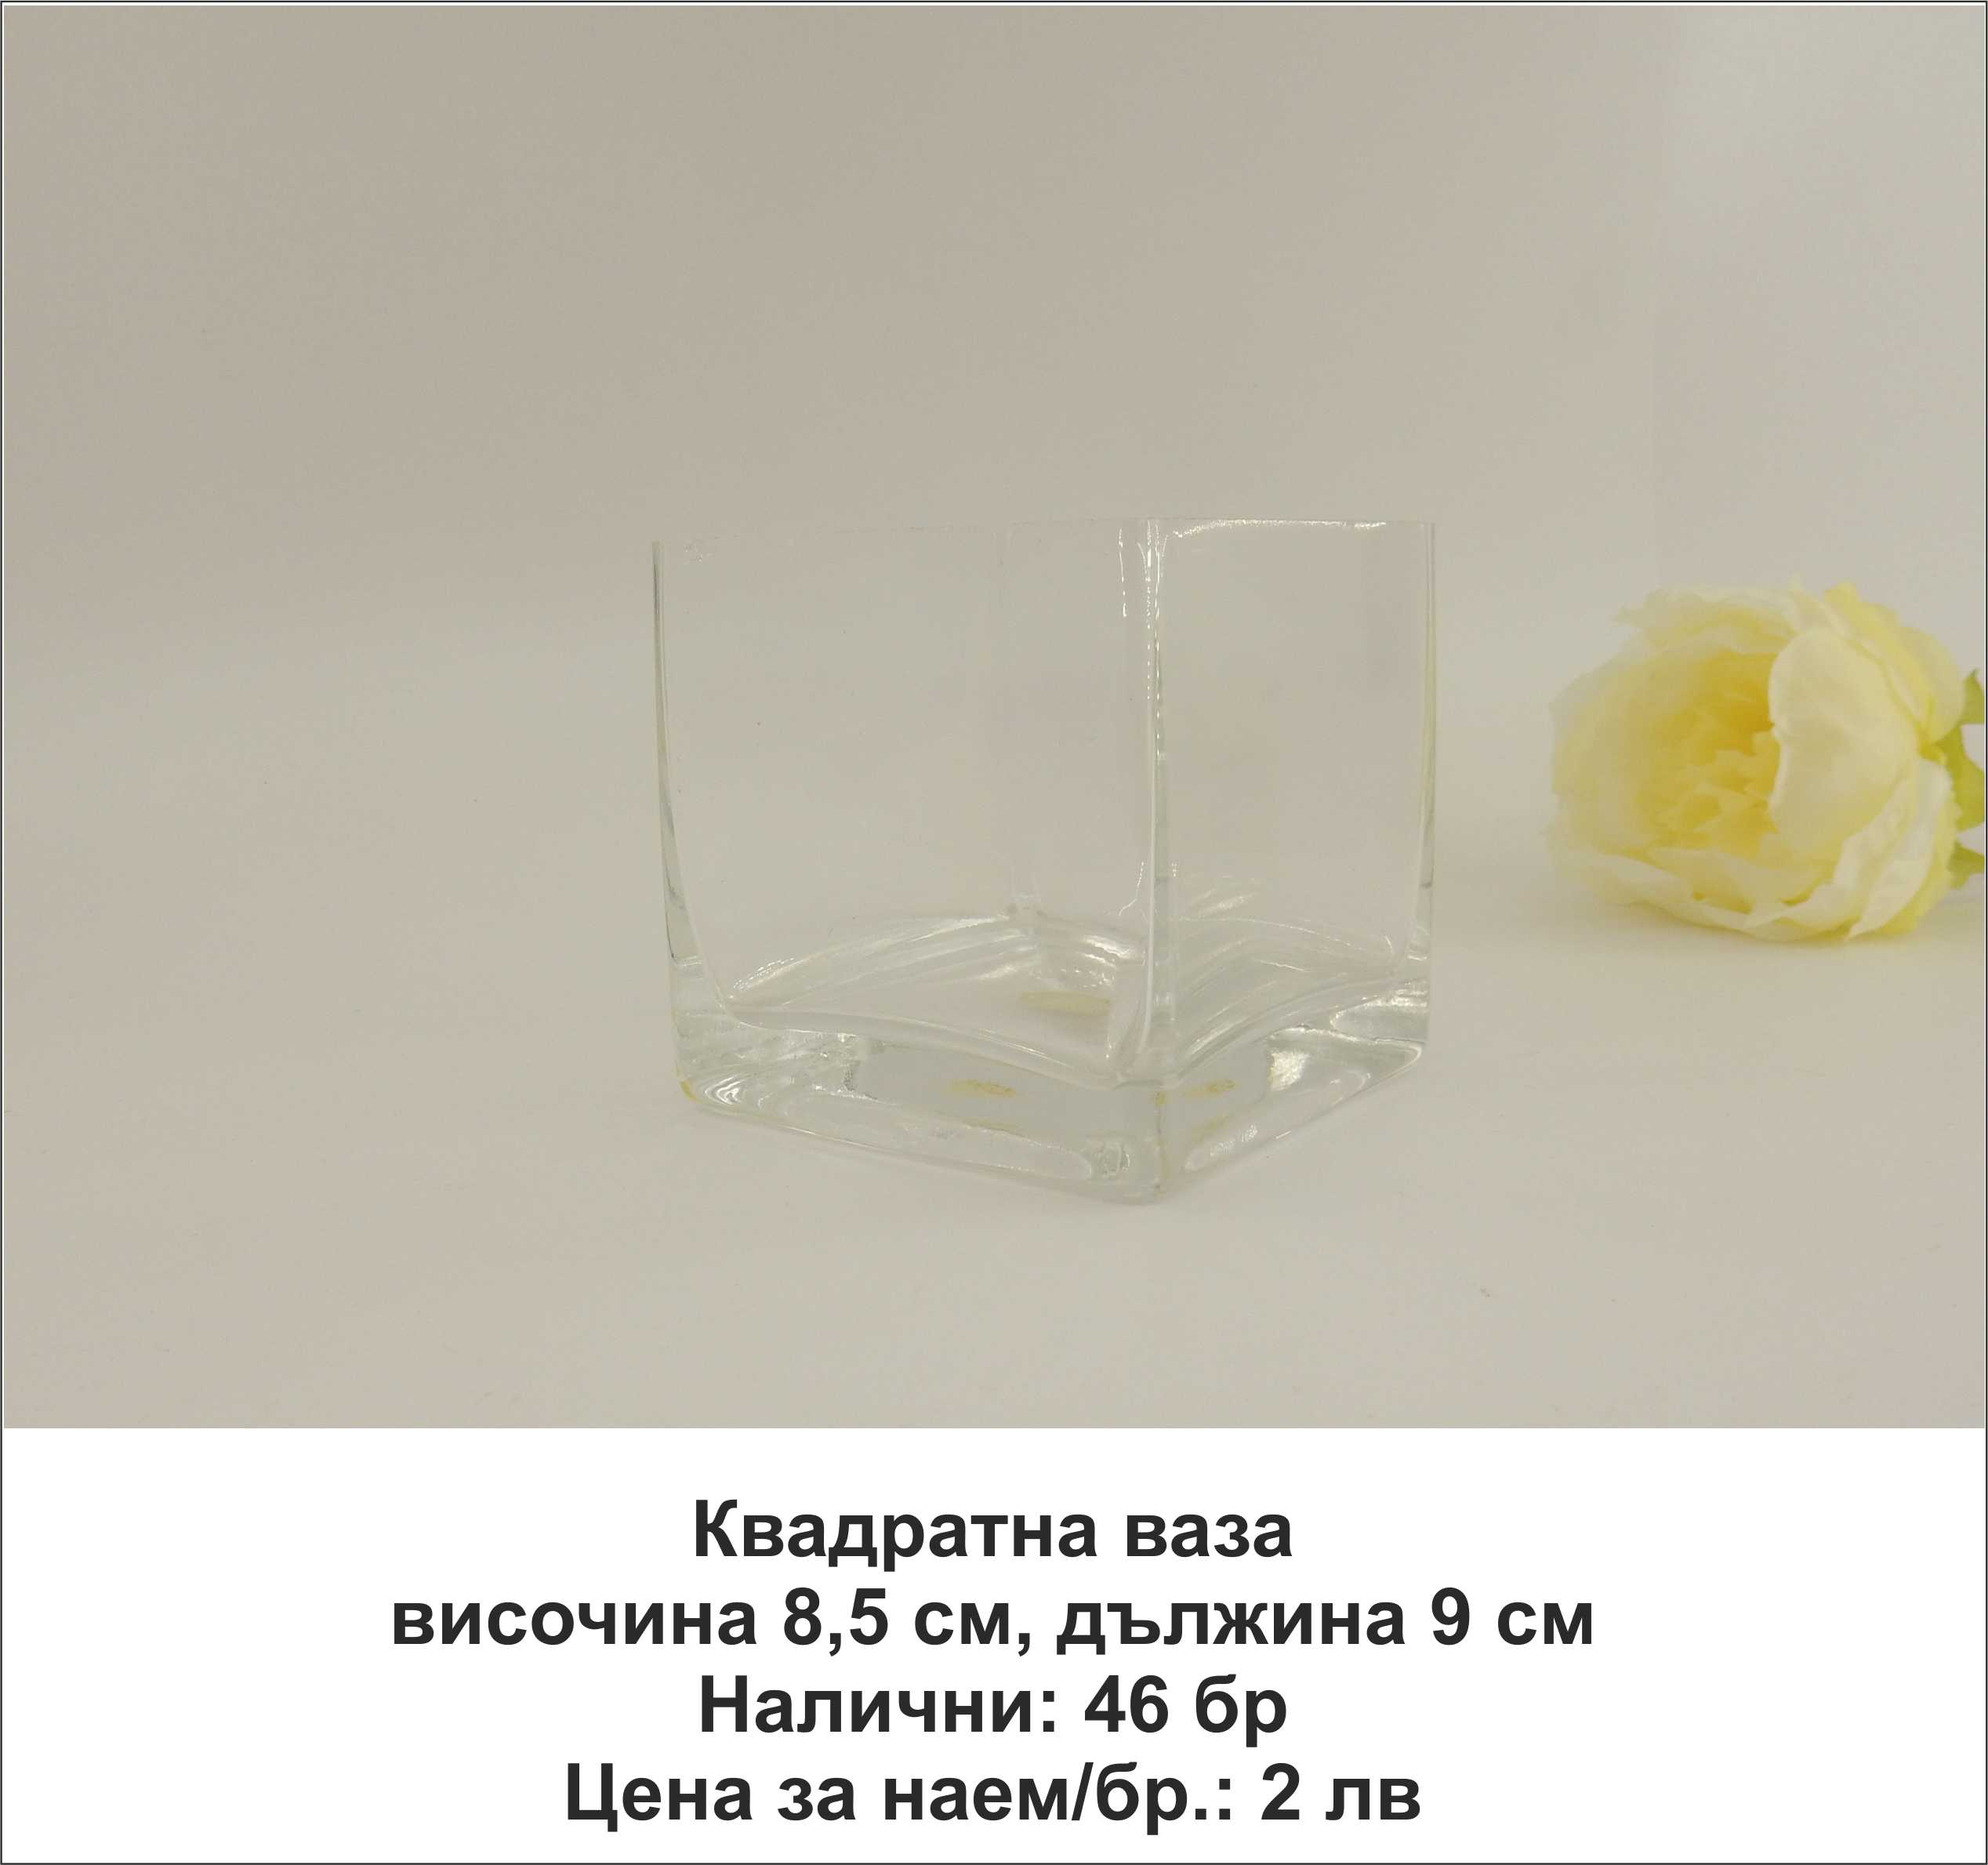 Квадратна стъклена ваза. Височина 8,5 см. Цена за наем брой: 2 лв.